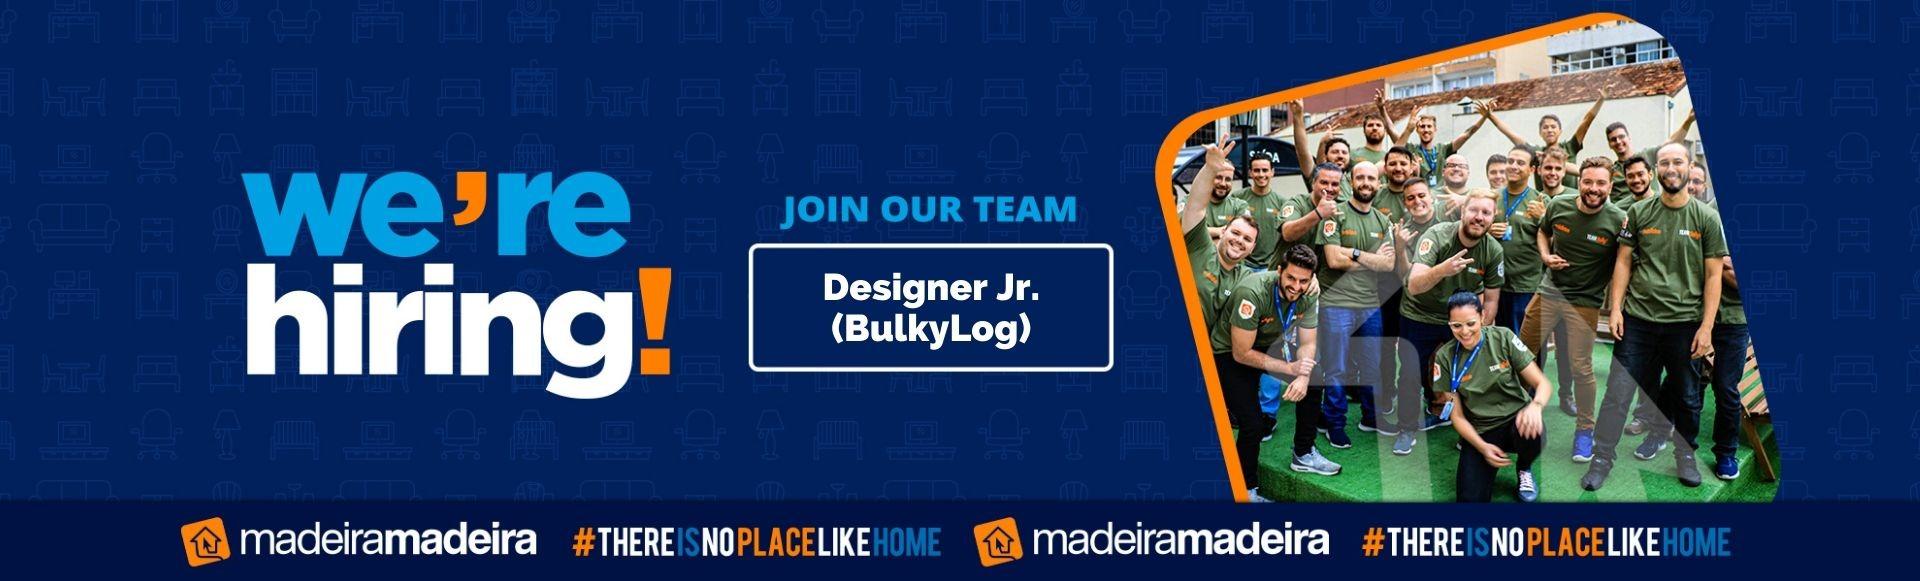 Designer Jr. (BulkyLog)